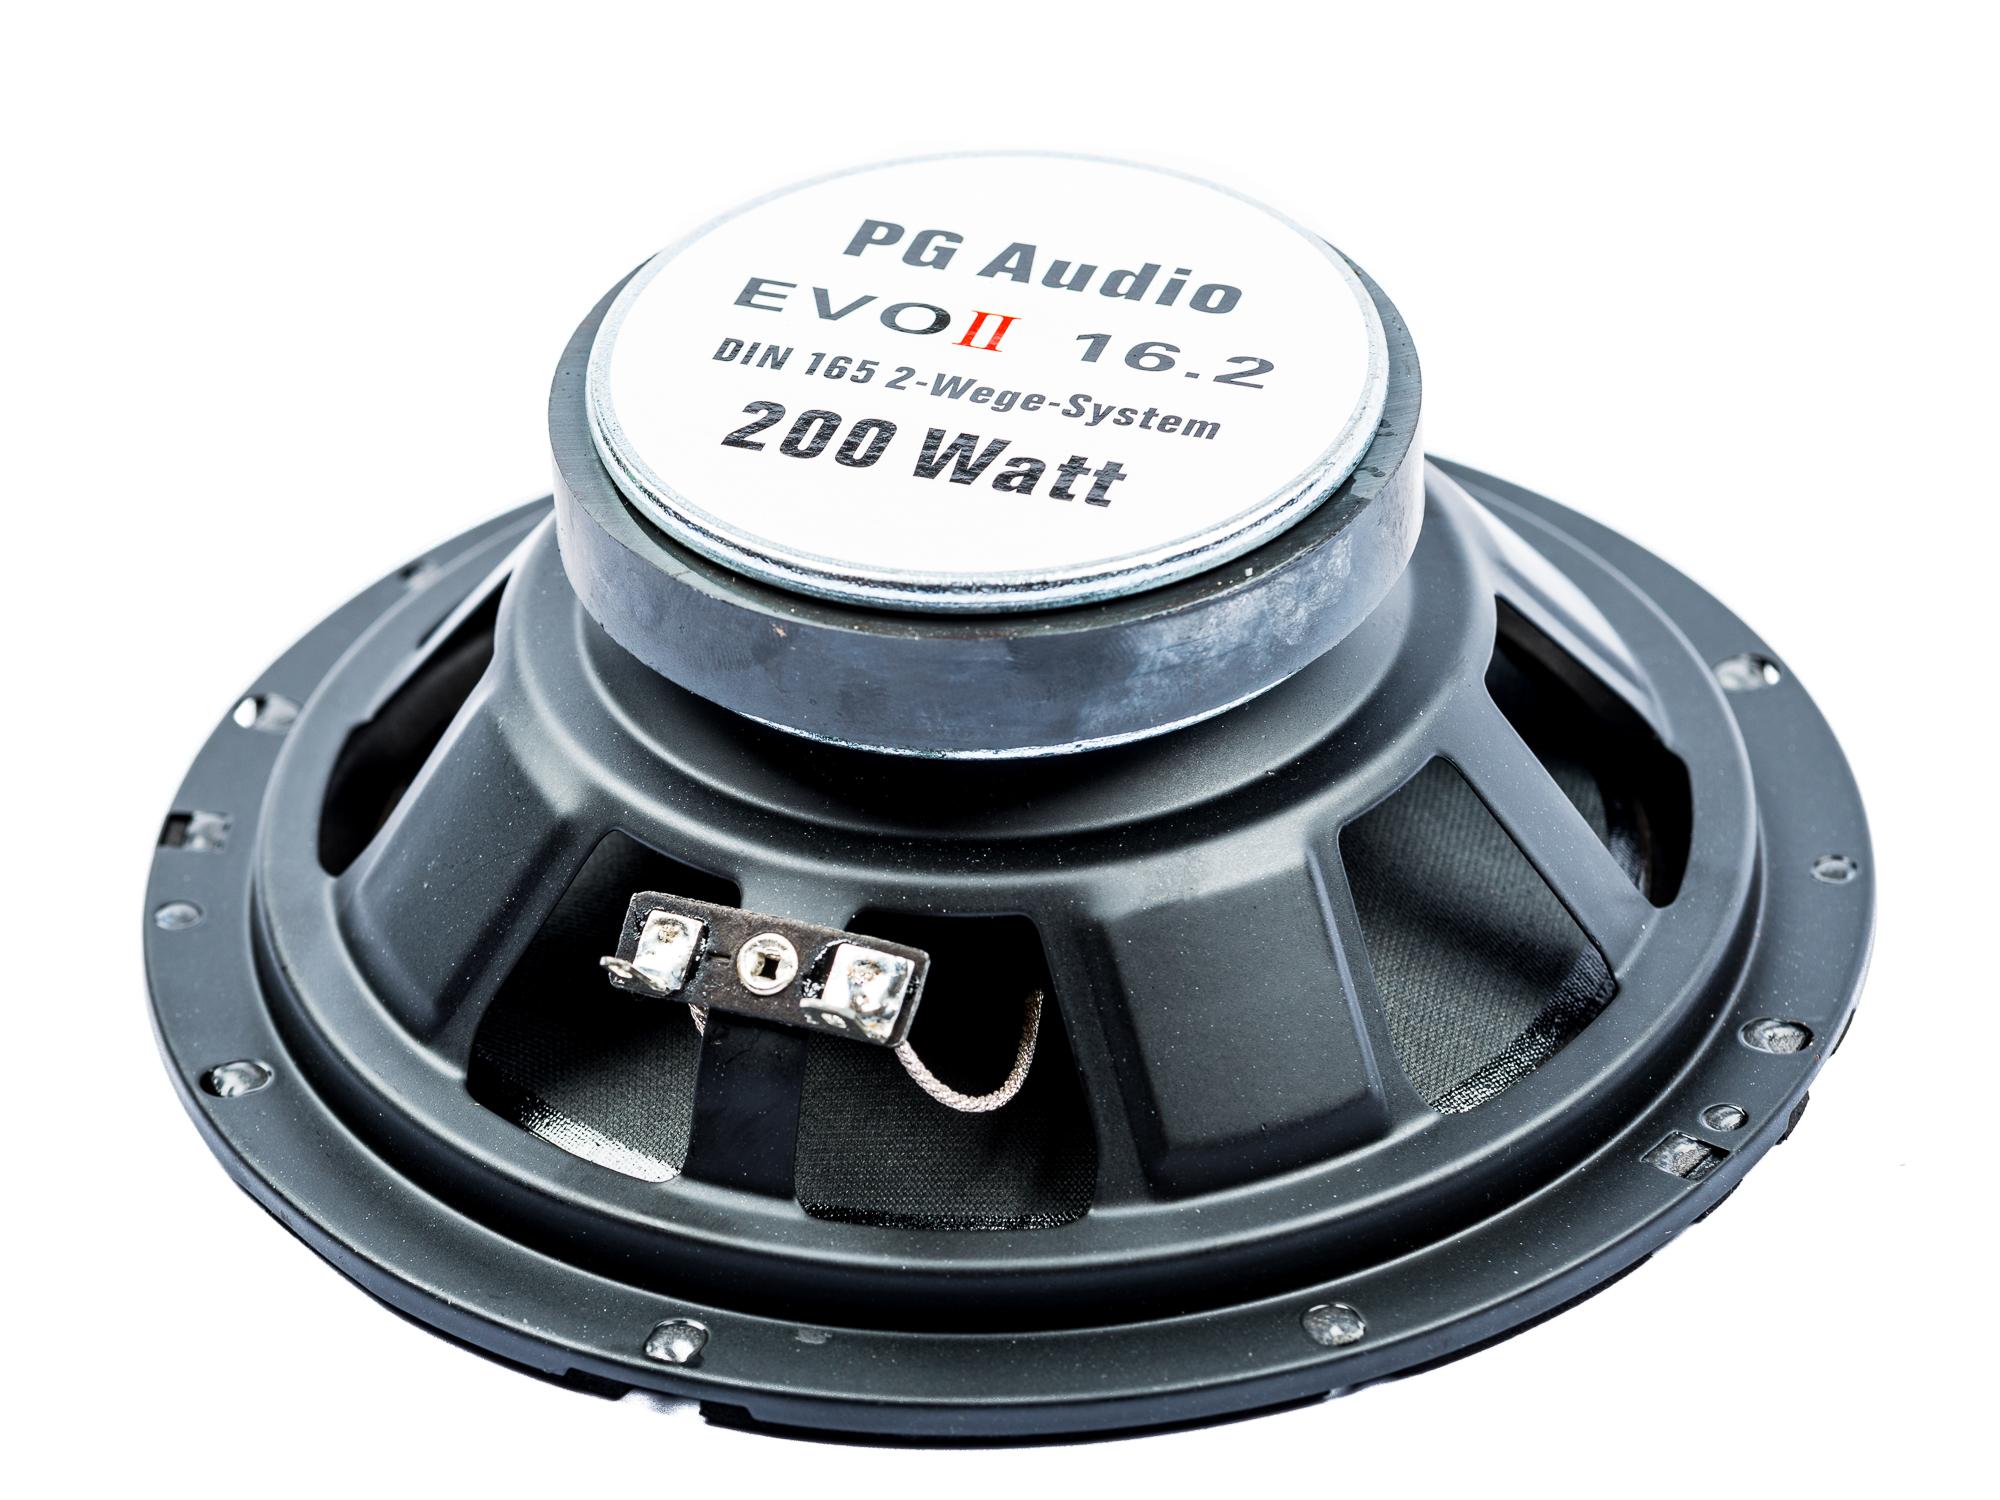 Volvo S70 V70 Lautsprecher Einbauset Tür vorne und hinten PG Audio – Bild 3